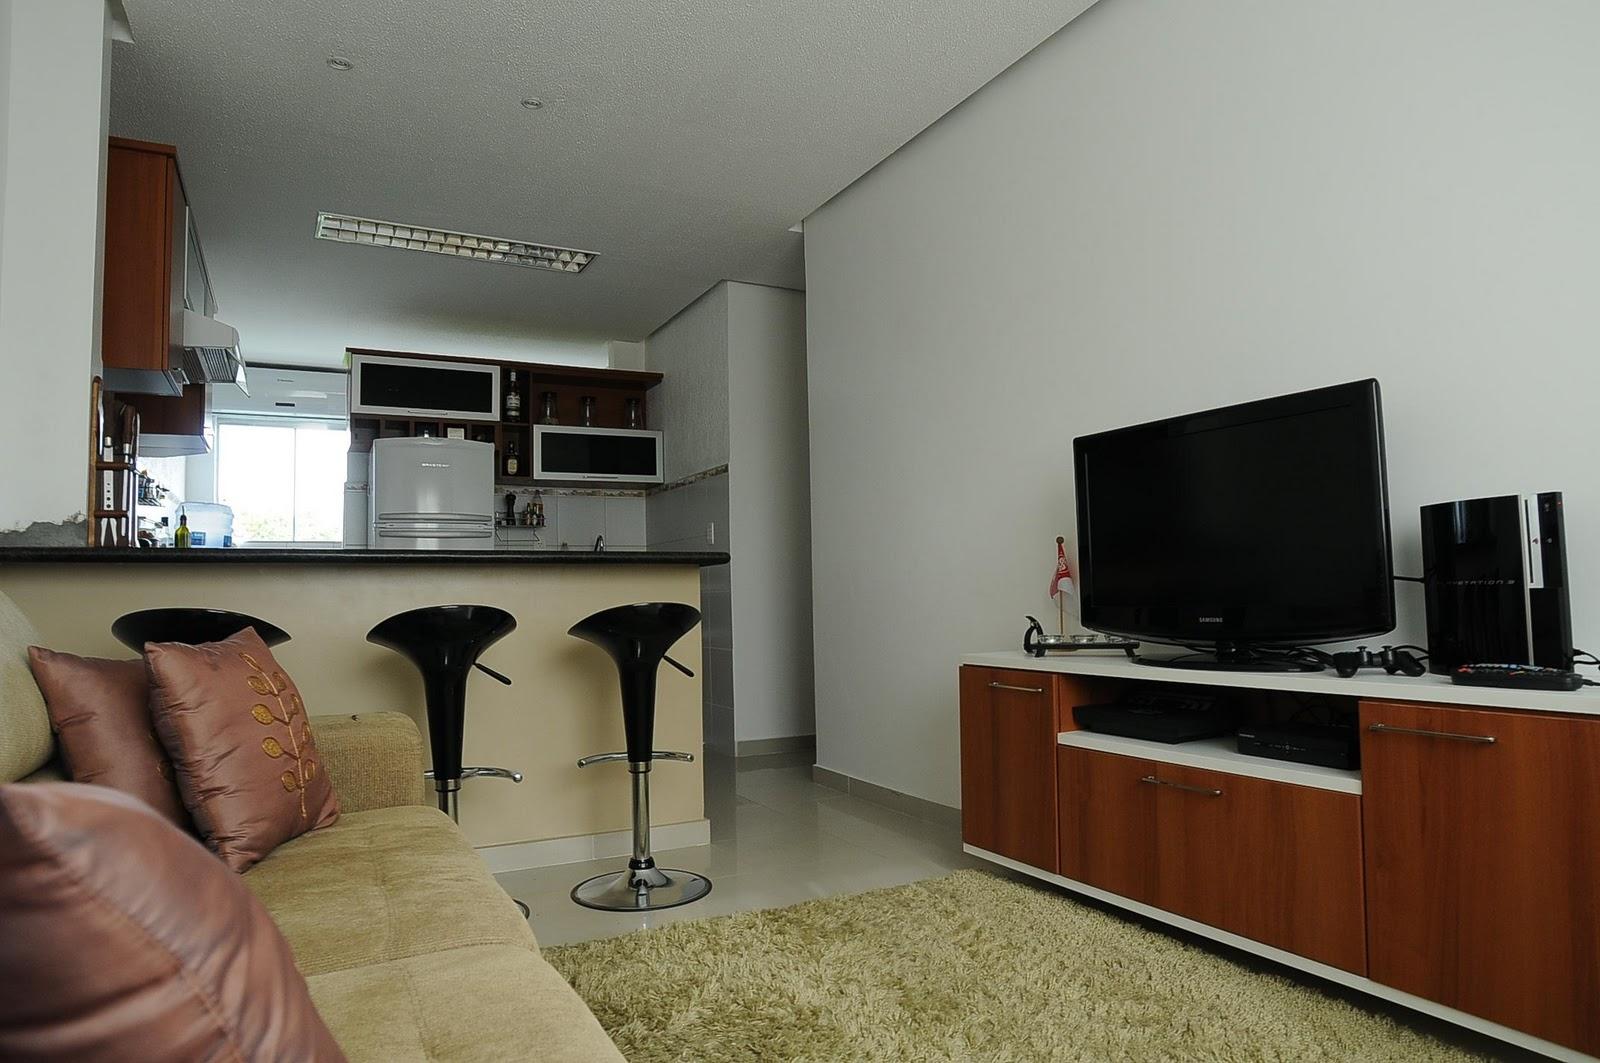 #623925 venda de apartamento sala cozinha americana móveis decoraçã cozinha  1600x1063 px Banquetas Para Cozinha Americana Leroy Merlin_2821 Imagens